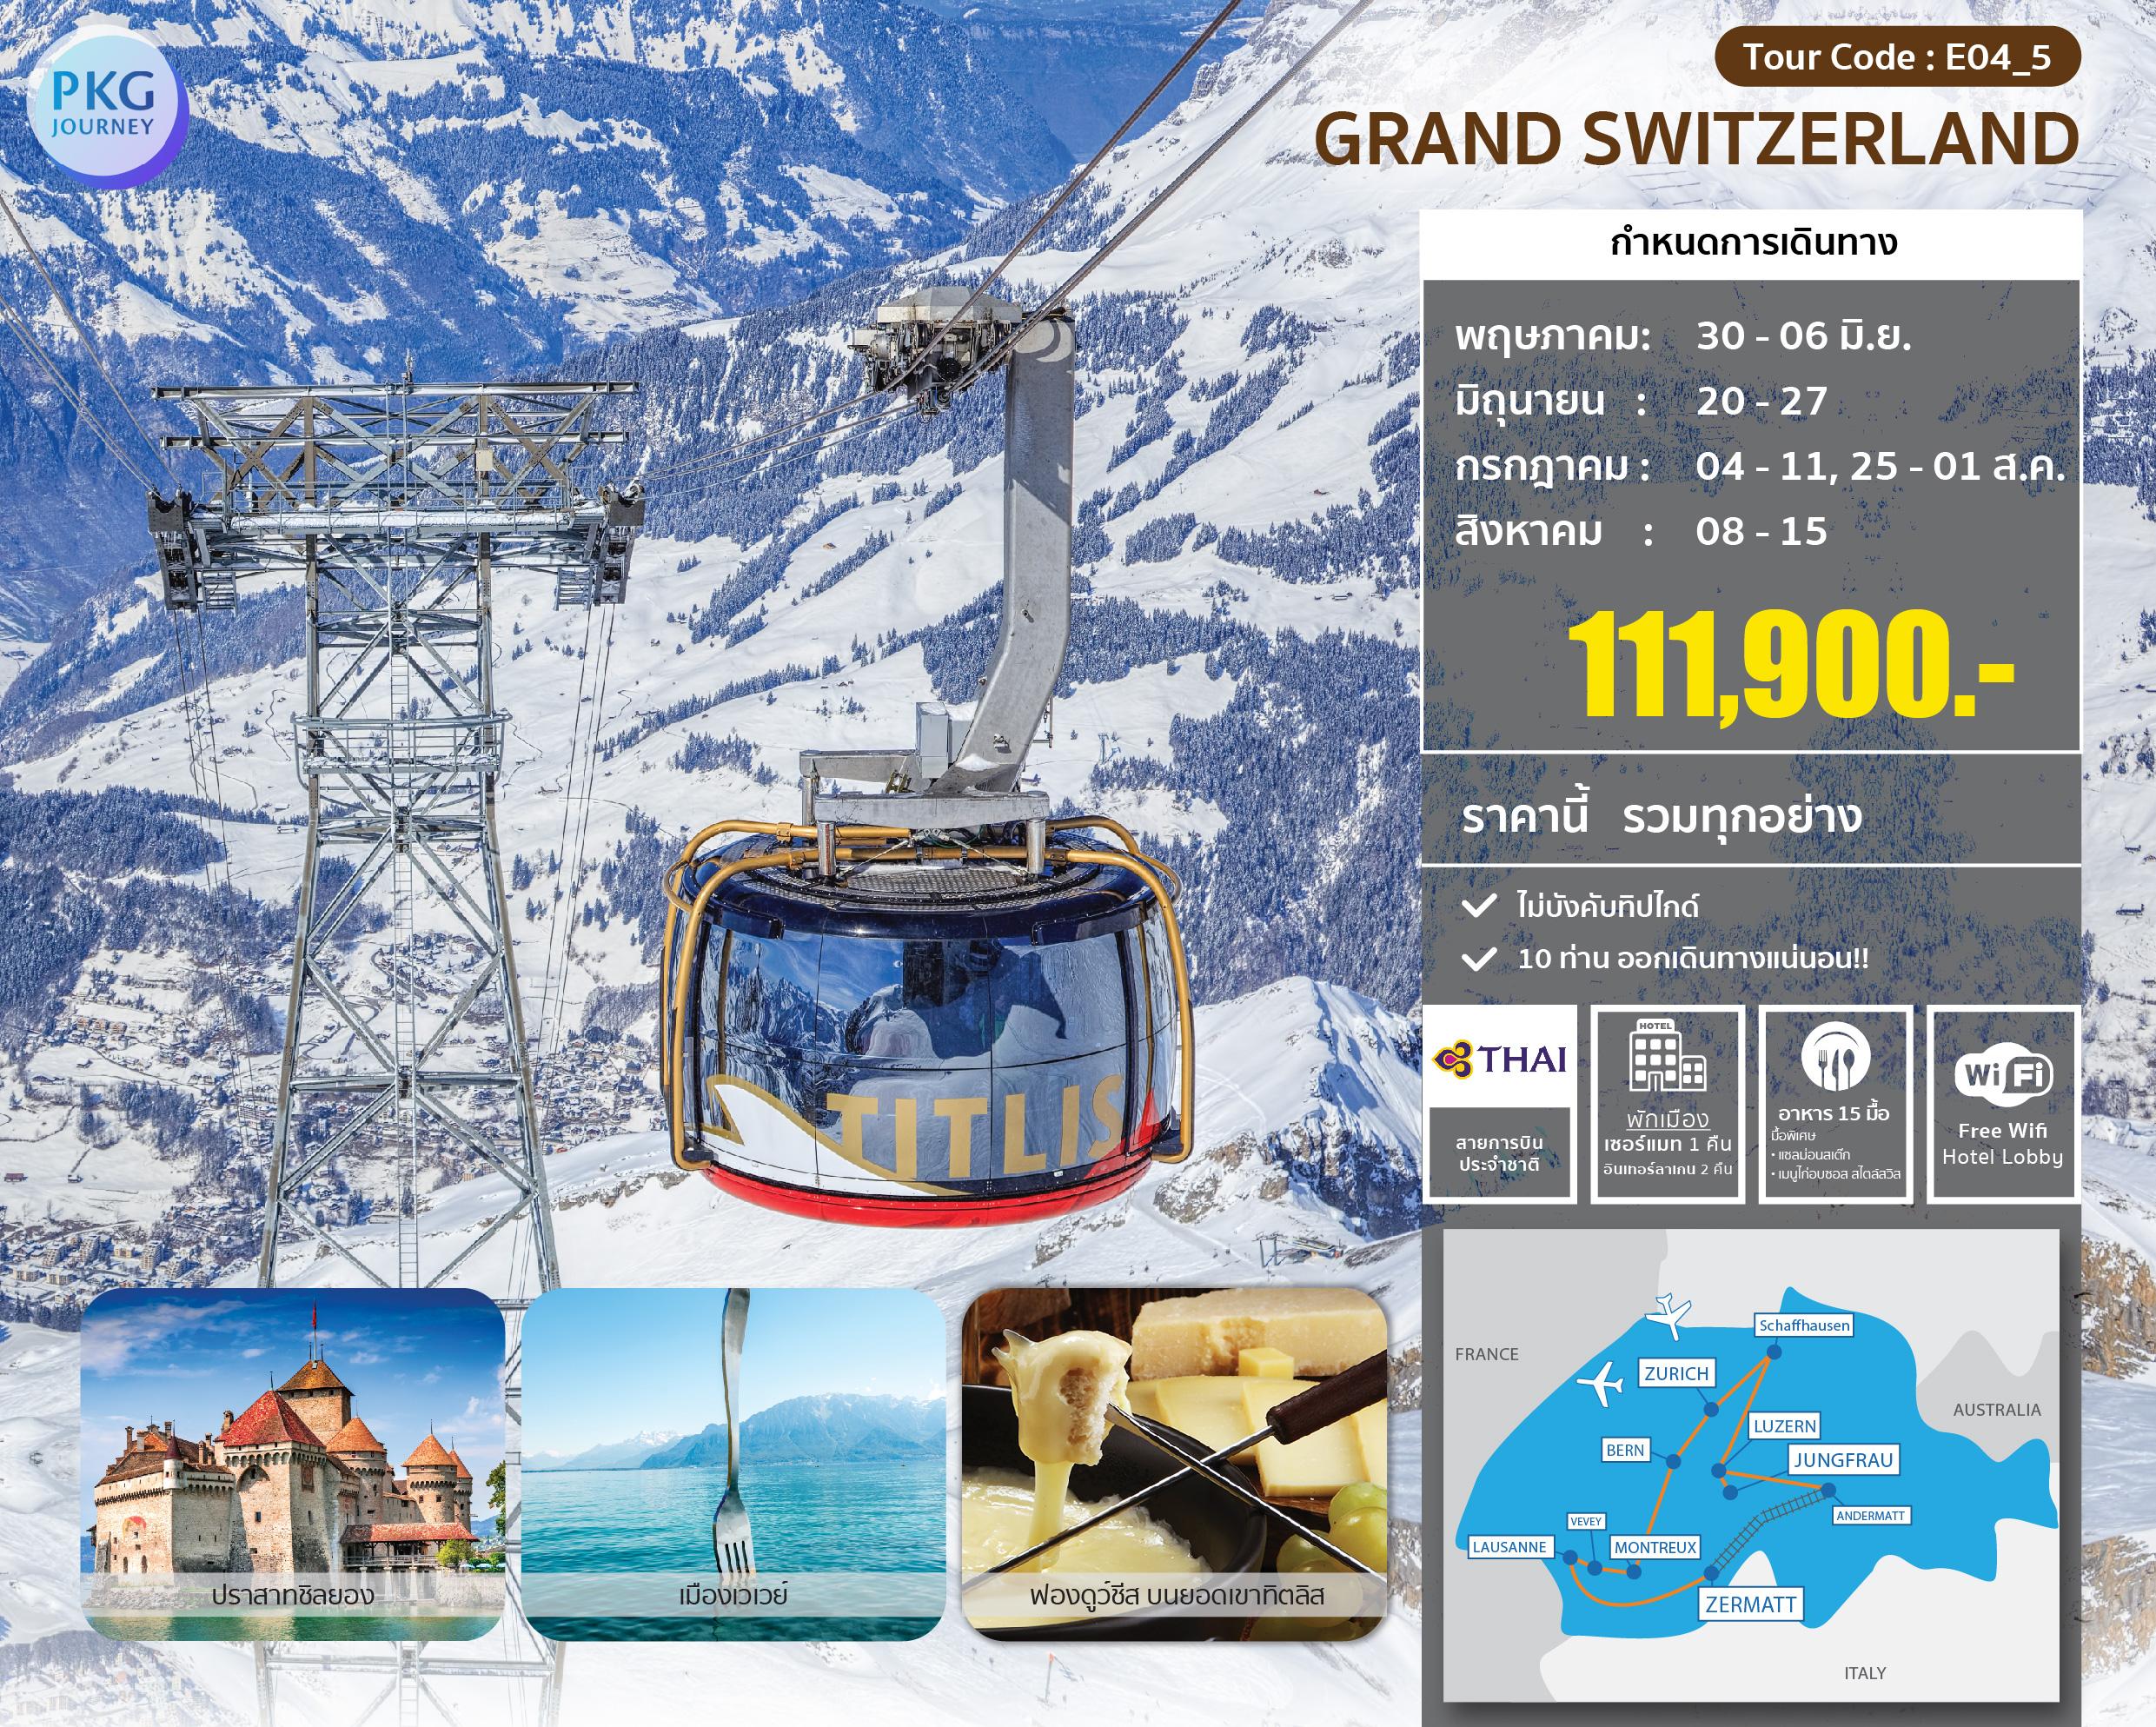 ทัวร์ยุโรป Grand Switzerland 8 วัน 5 คืน (TG)